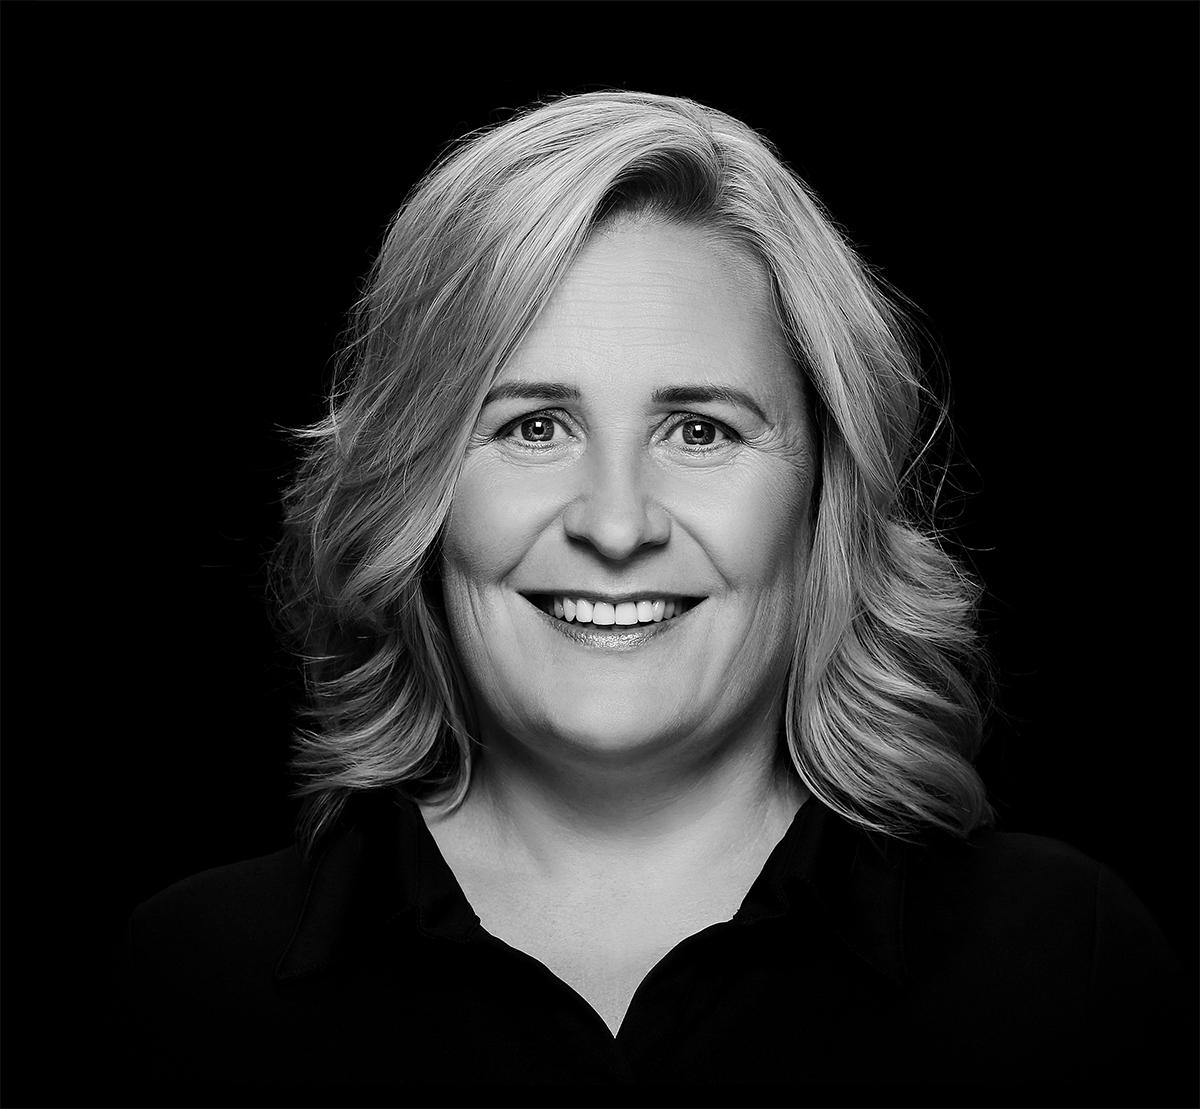 Claudia Willemsen, Kleertjes.com